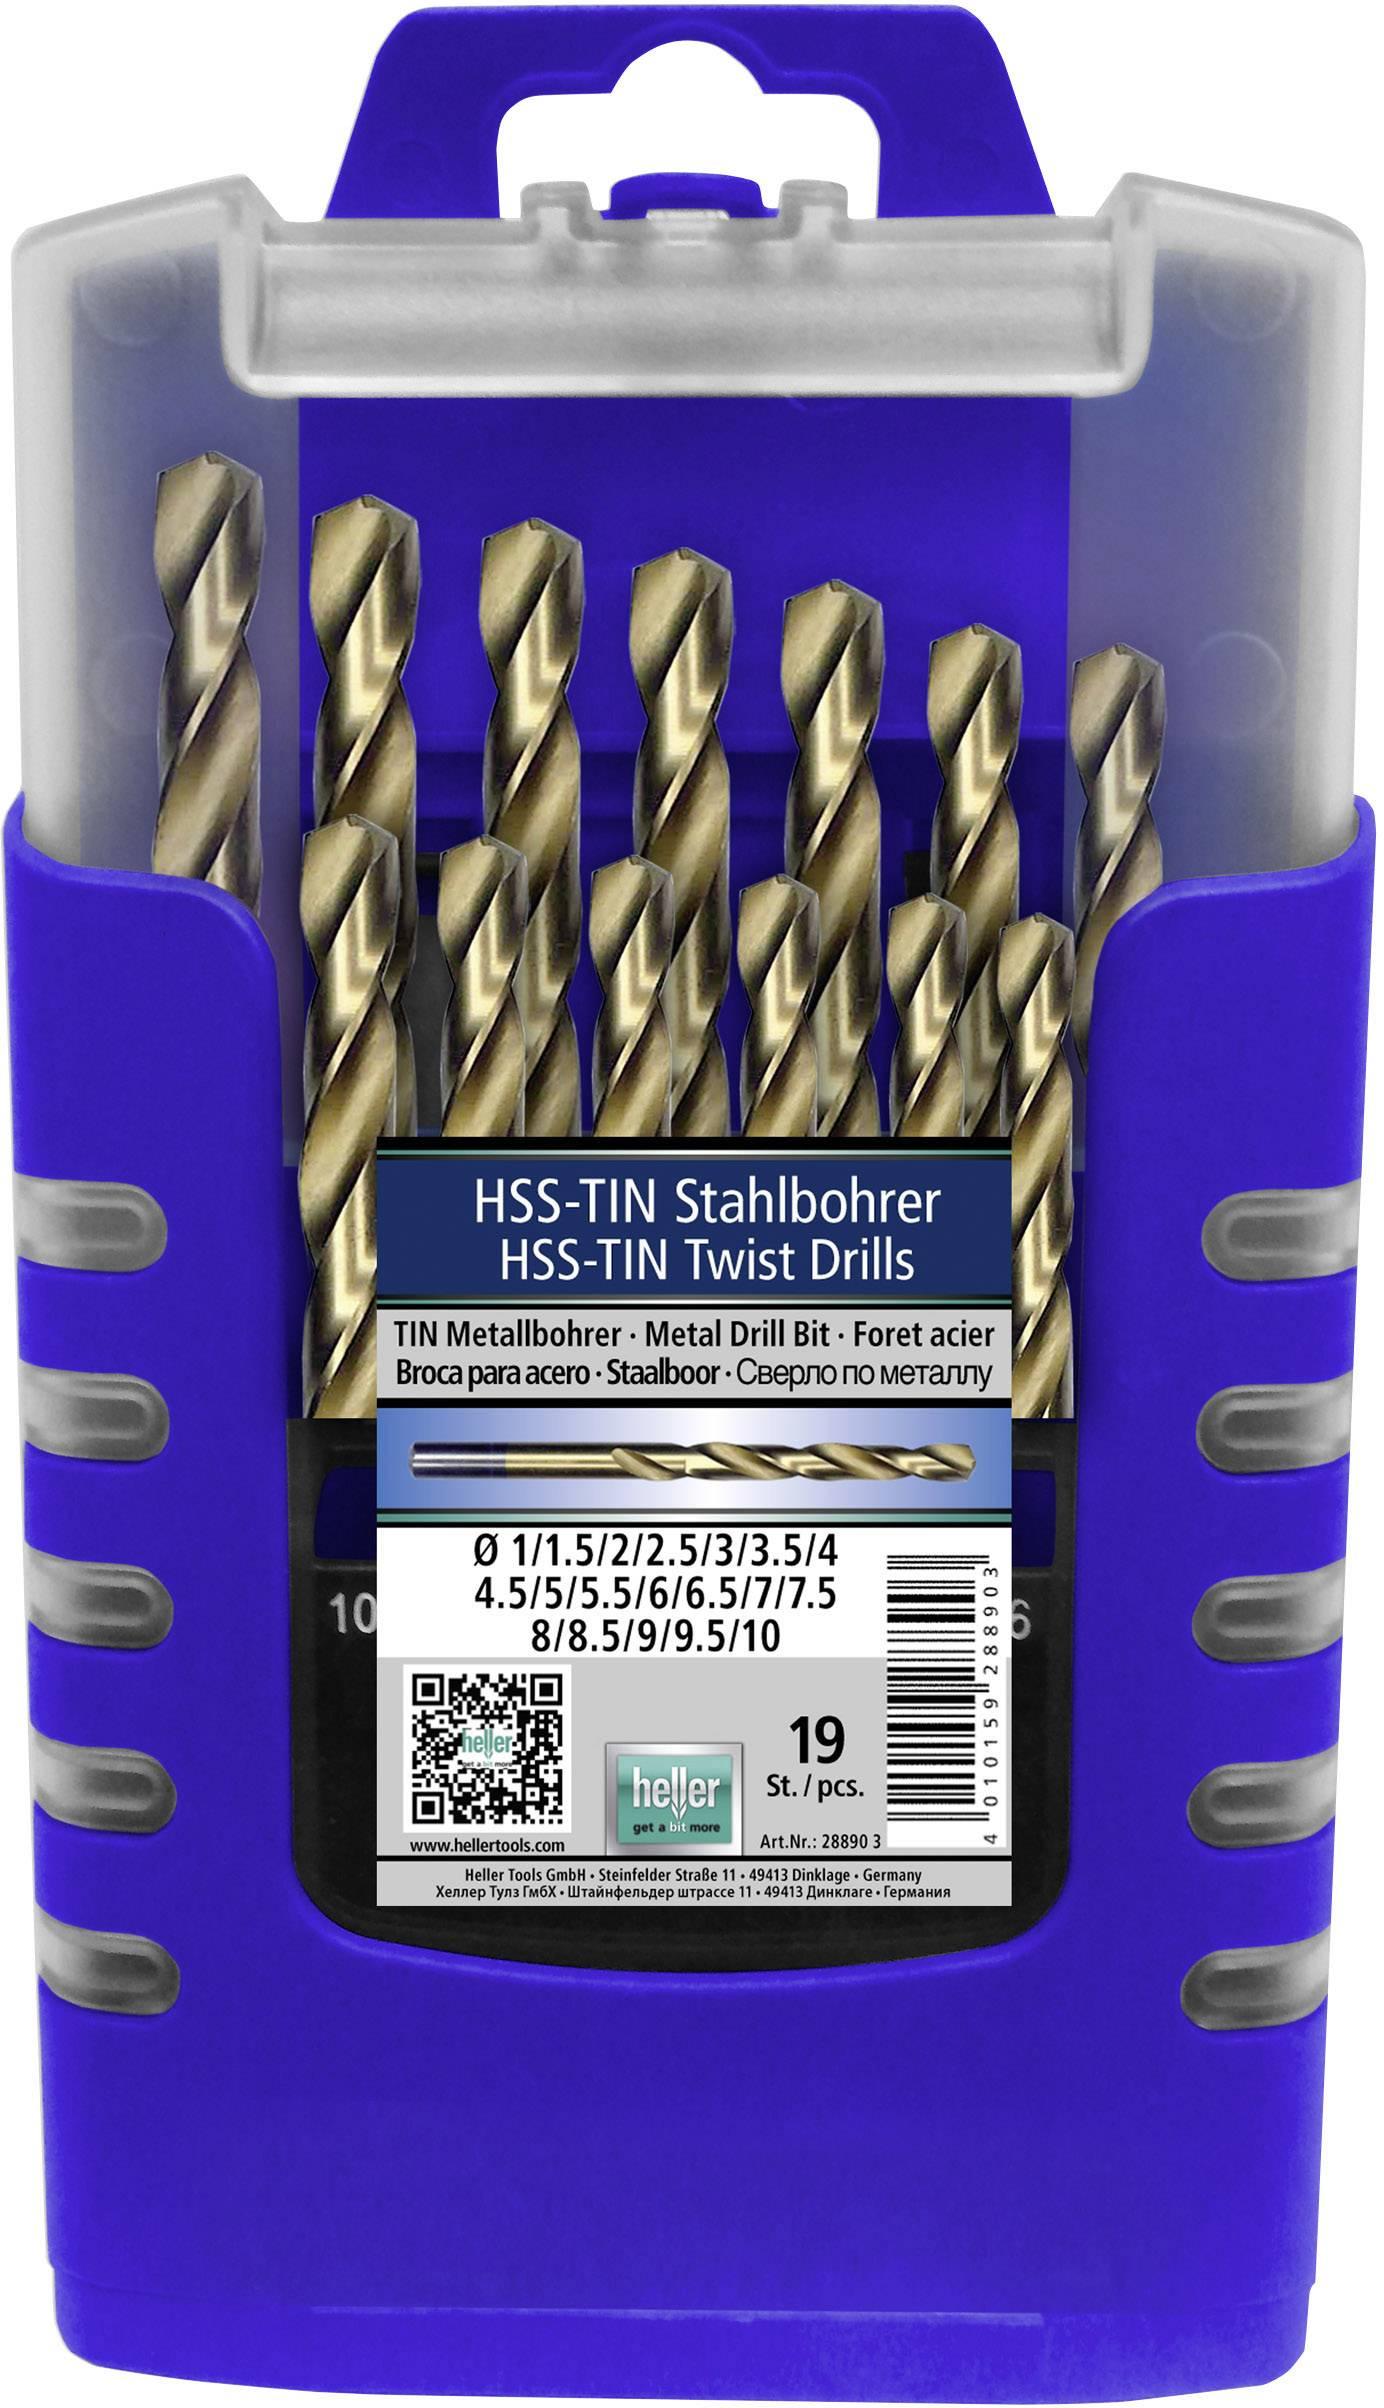 Sada spirálových vrtáku do kovu Heller 28890 3, N/A, HSS, 1 ks